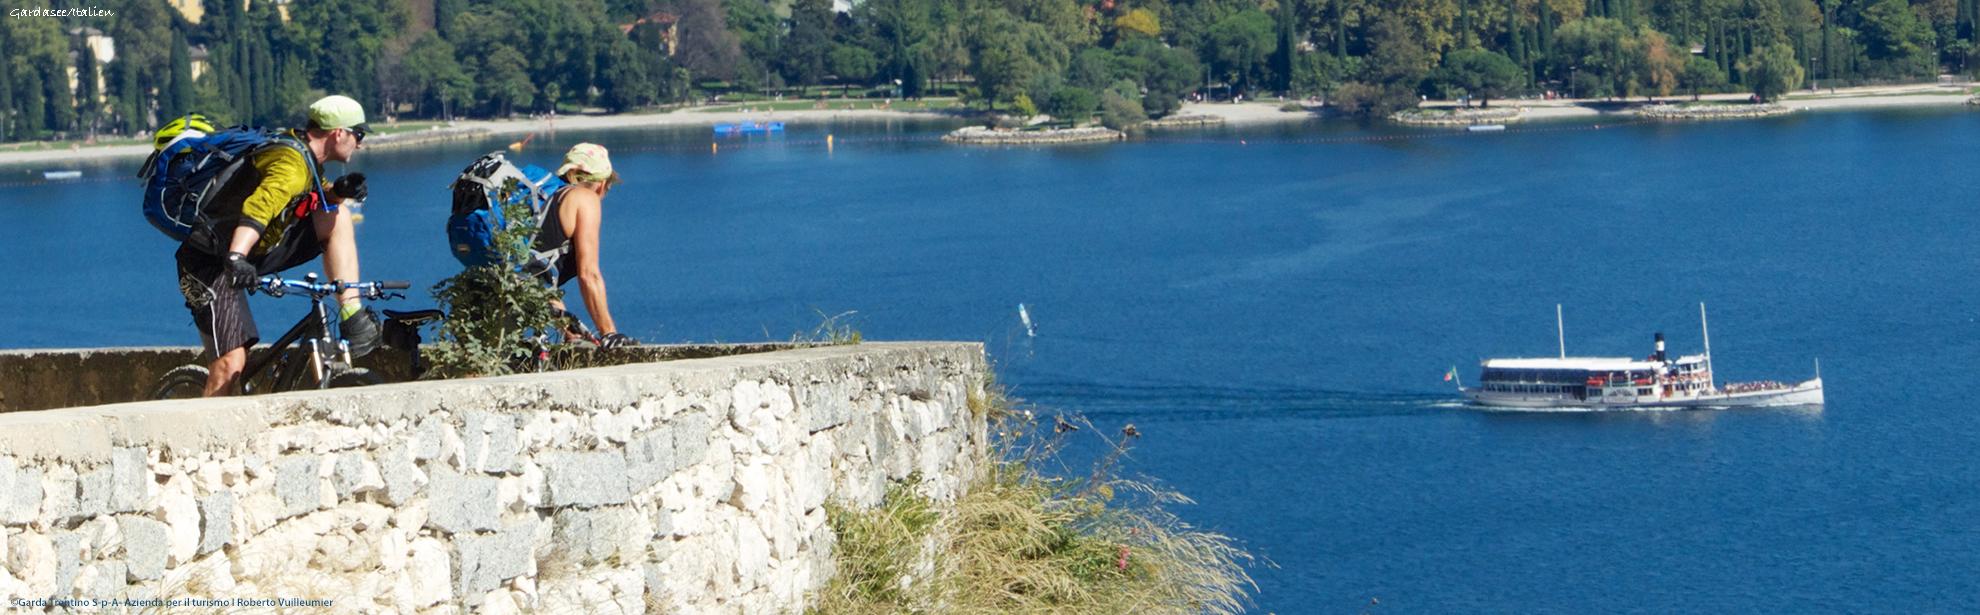 OsportGarda-Trentino-S.p.A.-Azienda-per-il-turismo_016_BackstagePromo_Outdoor2014R_Vuilleumier